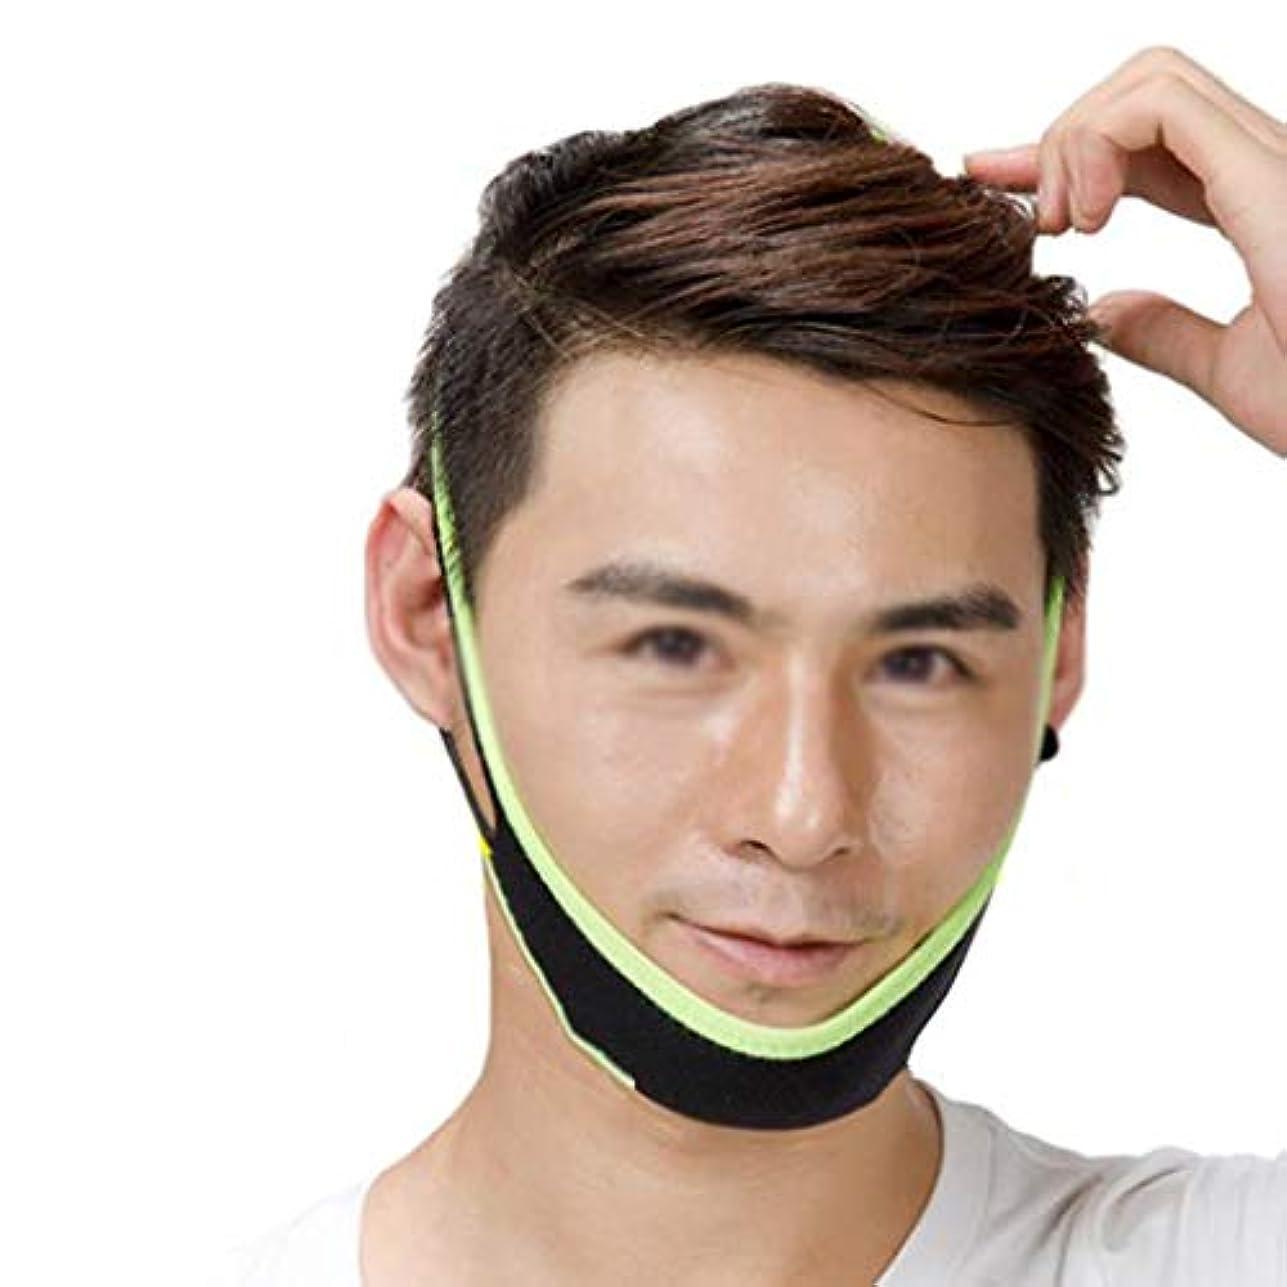 ZWBD フェイスマスク, マスクアーチファクトアーティファクトリフティングマッサージアーティファクト付き薄い顔の包帯メンズスペシャルスリープスモールVフェイス